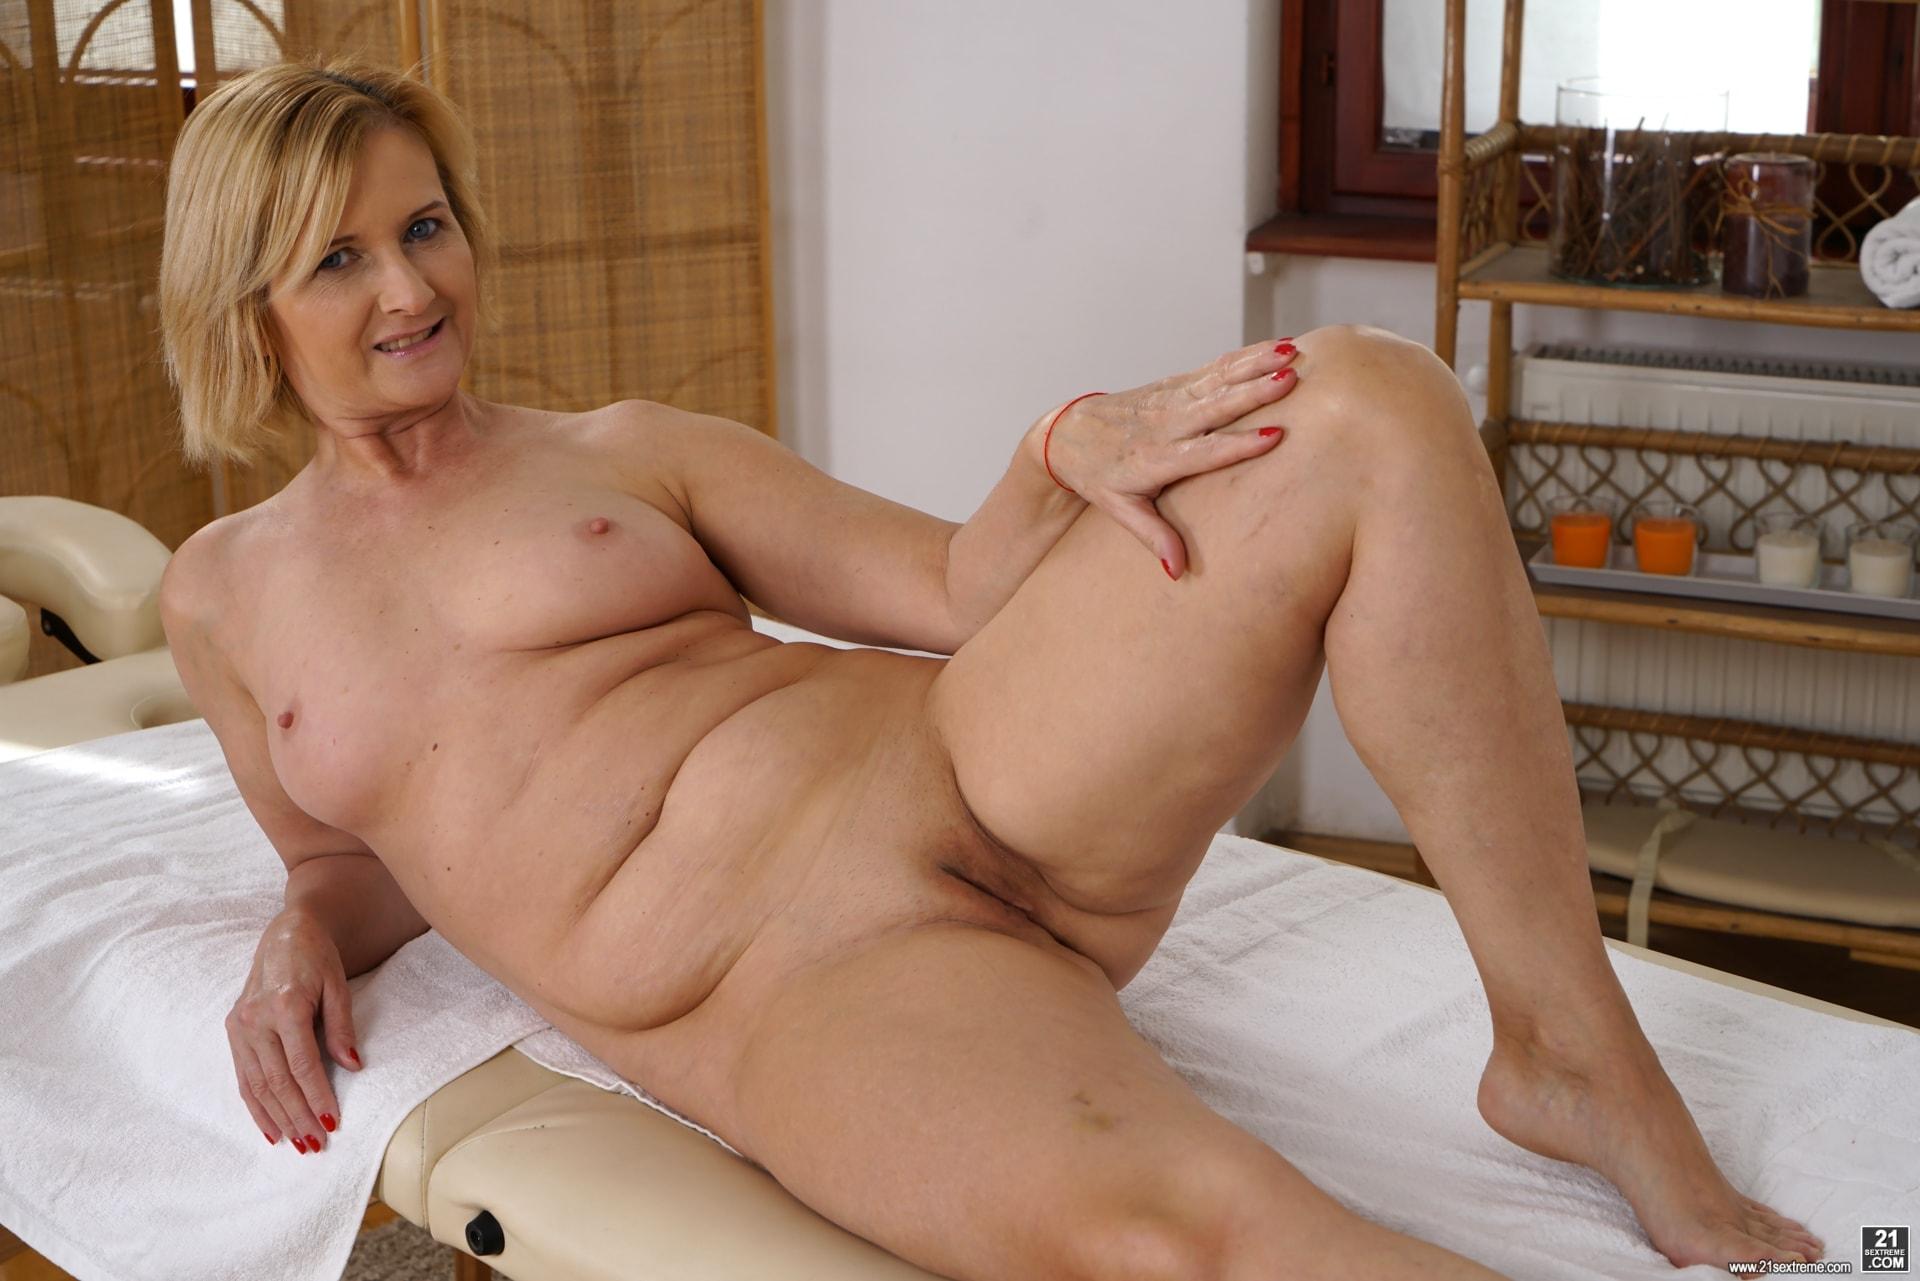 21Sextury 'Jennyfer's Anal Massage' starring Jennyfer (Photo 14)